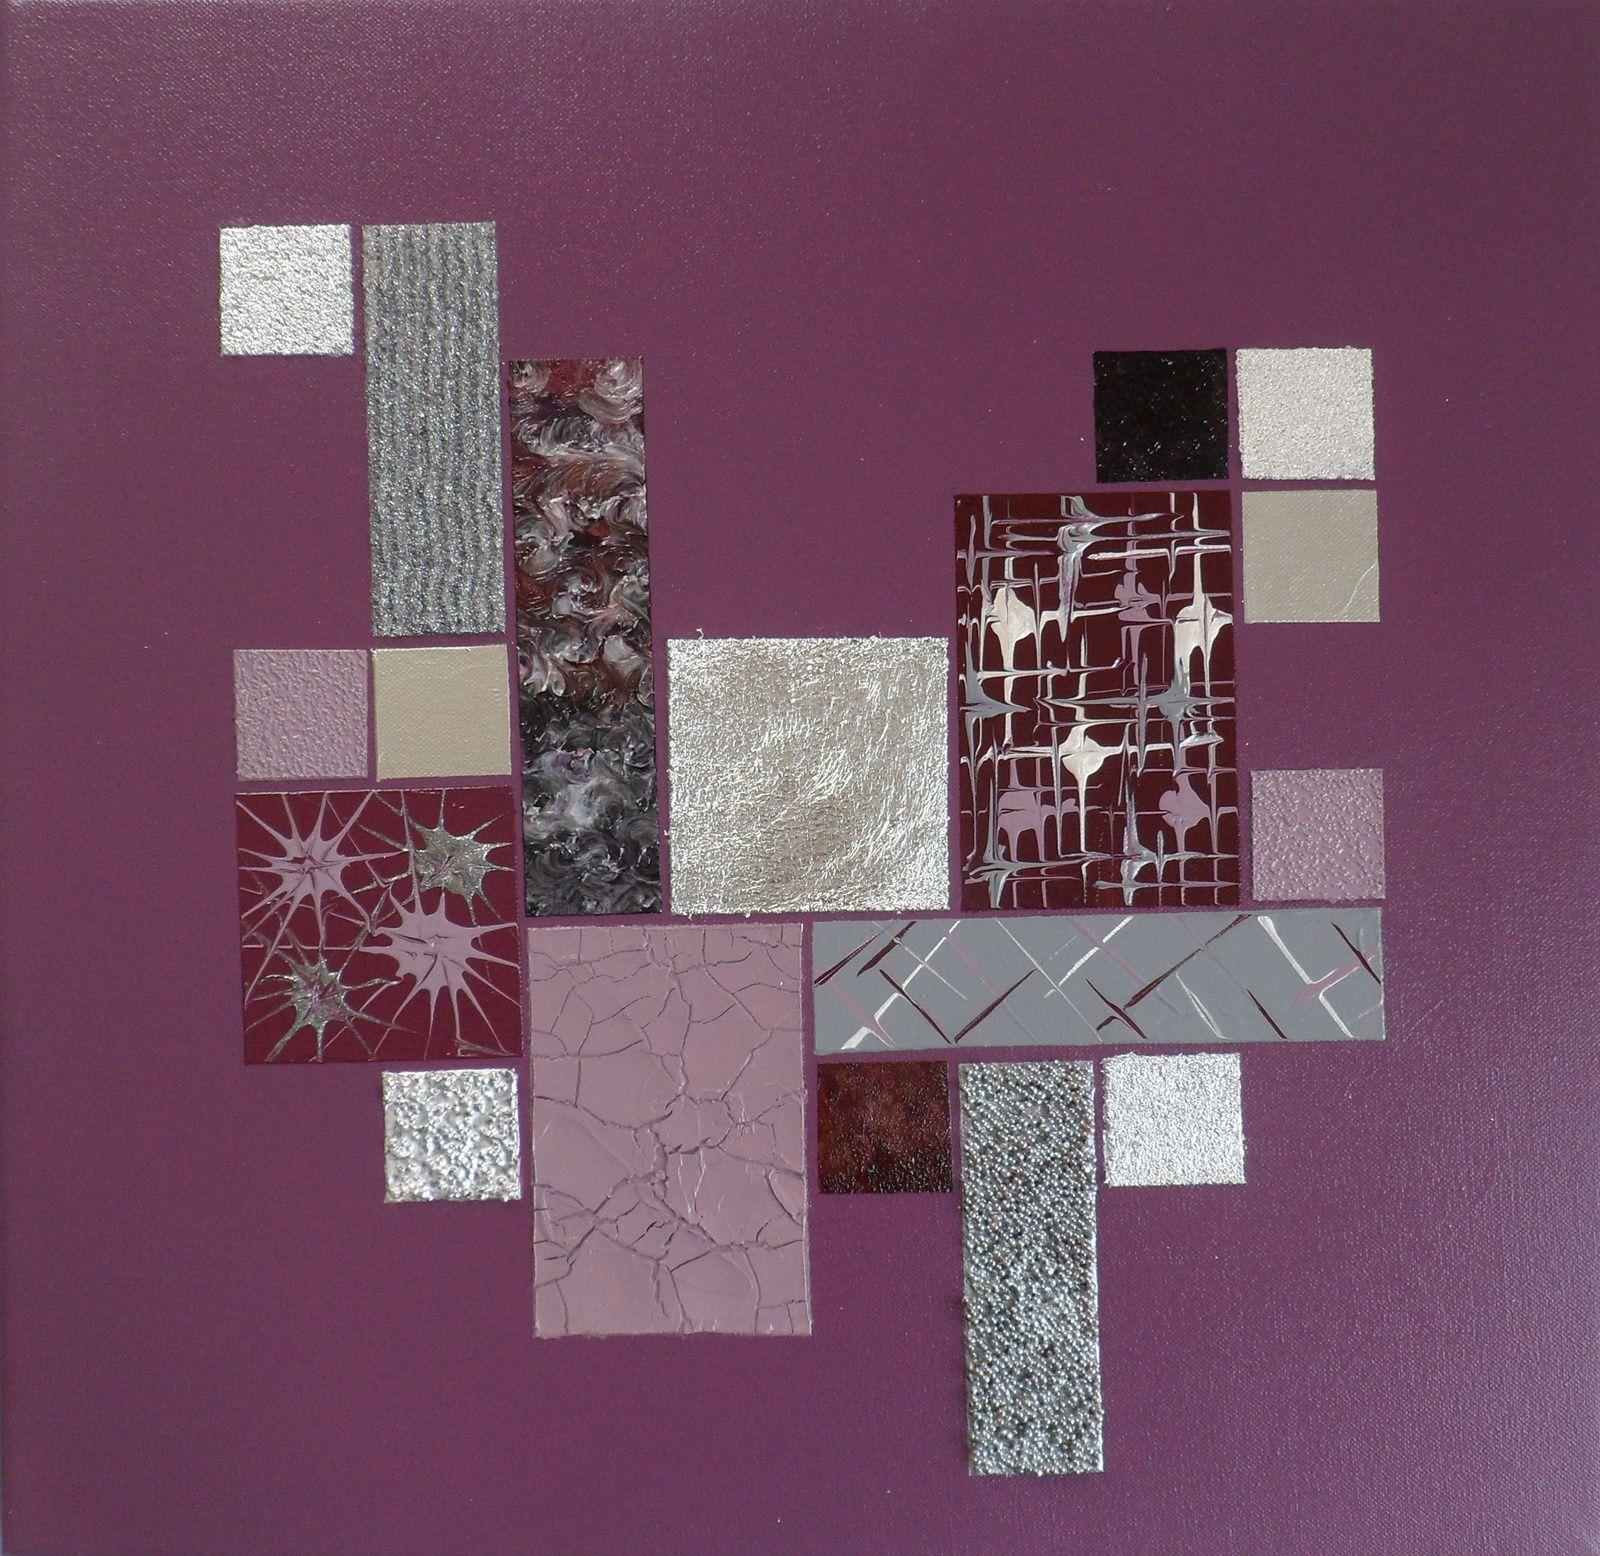 Décoration Mauve Et Gris comment utiliser le violet dans sa décoration ? ses